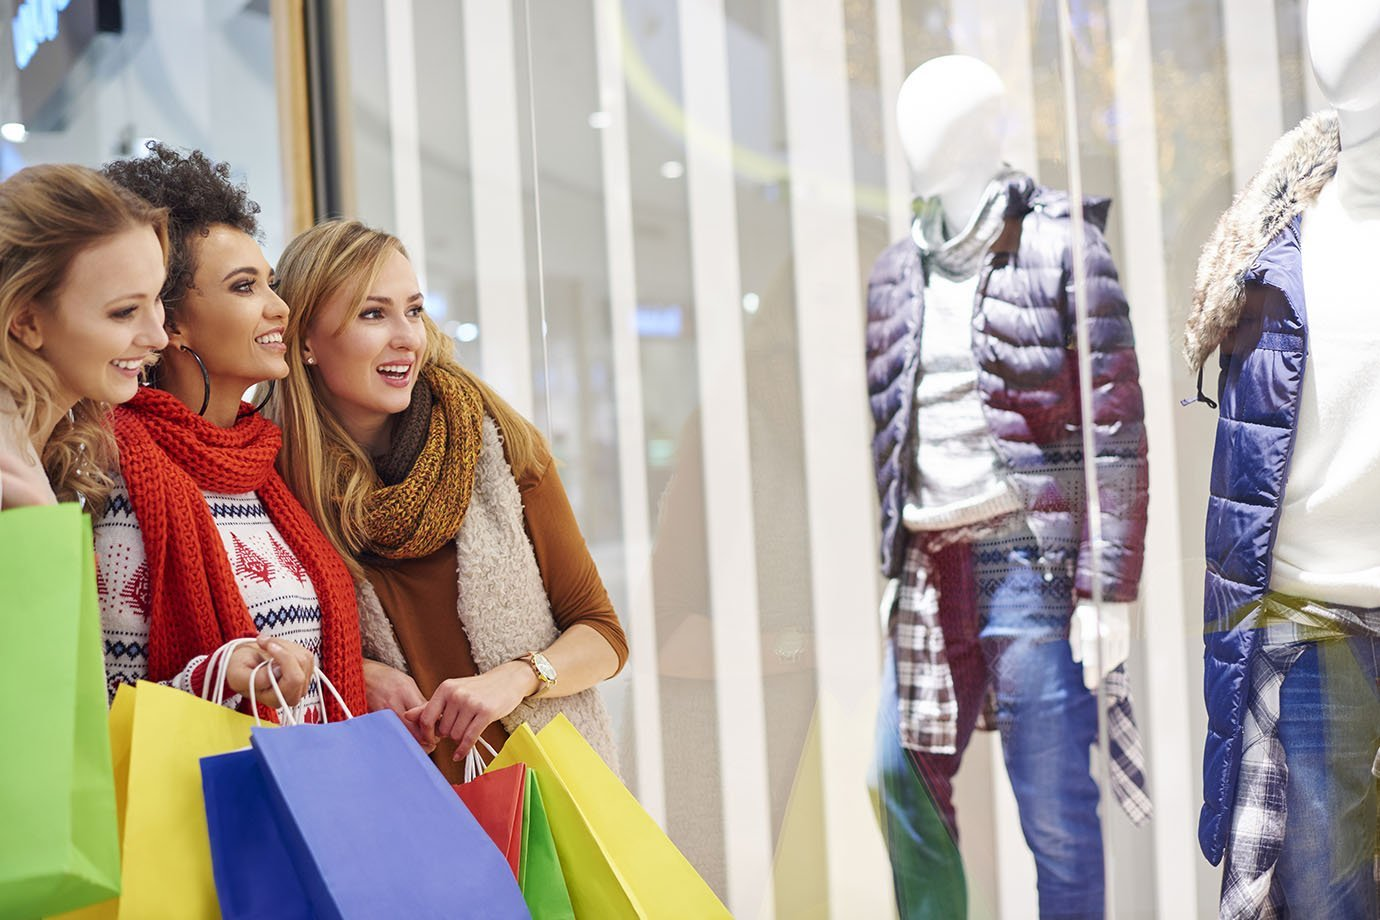 Mulheres olham para vitrine de loja de roupas, com sacolas